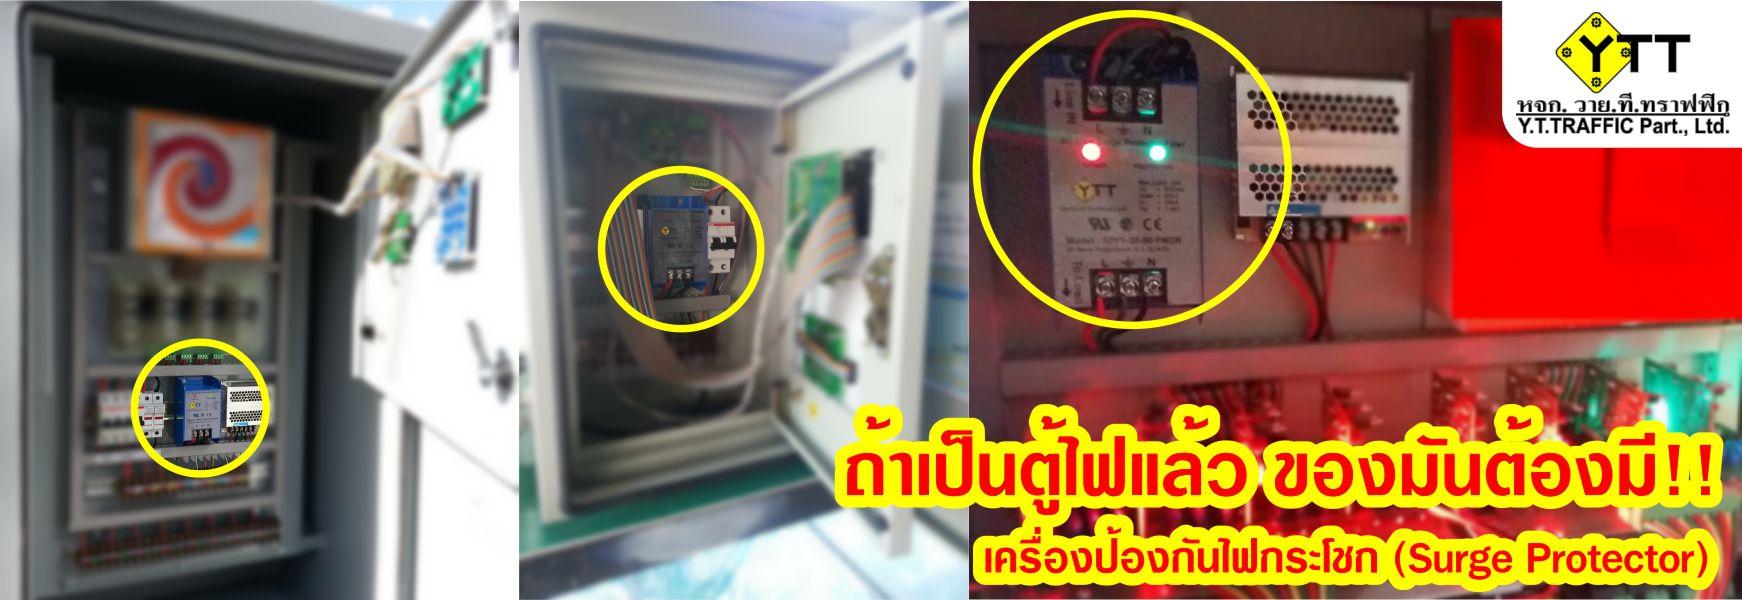 ถ้าเป็นตู้ไฟแล้ว ของมันต้องมี เครื่องป้องกันไฟกระโชก (Surge Protector)_1